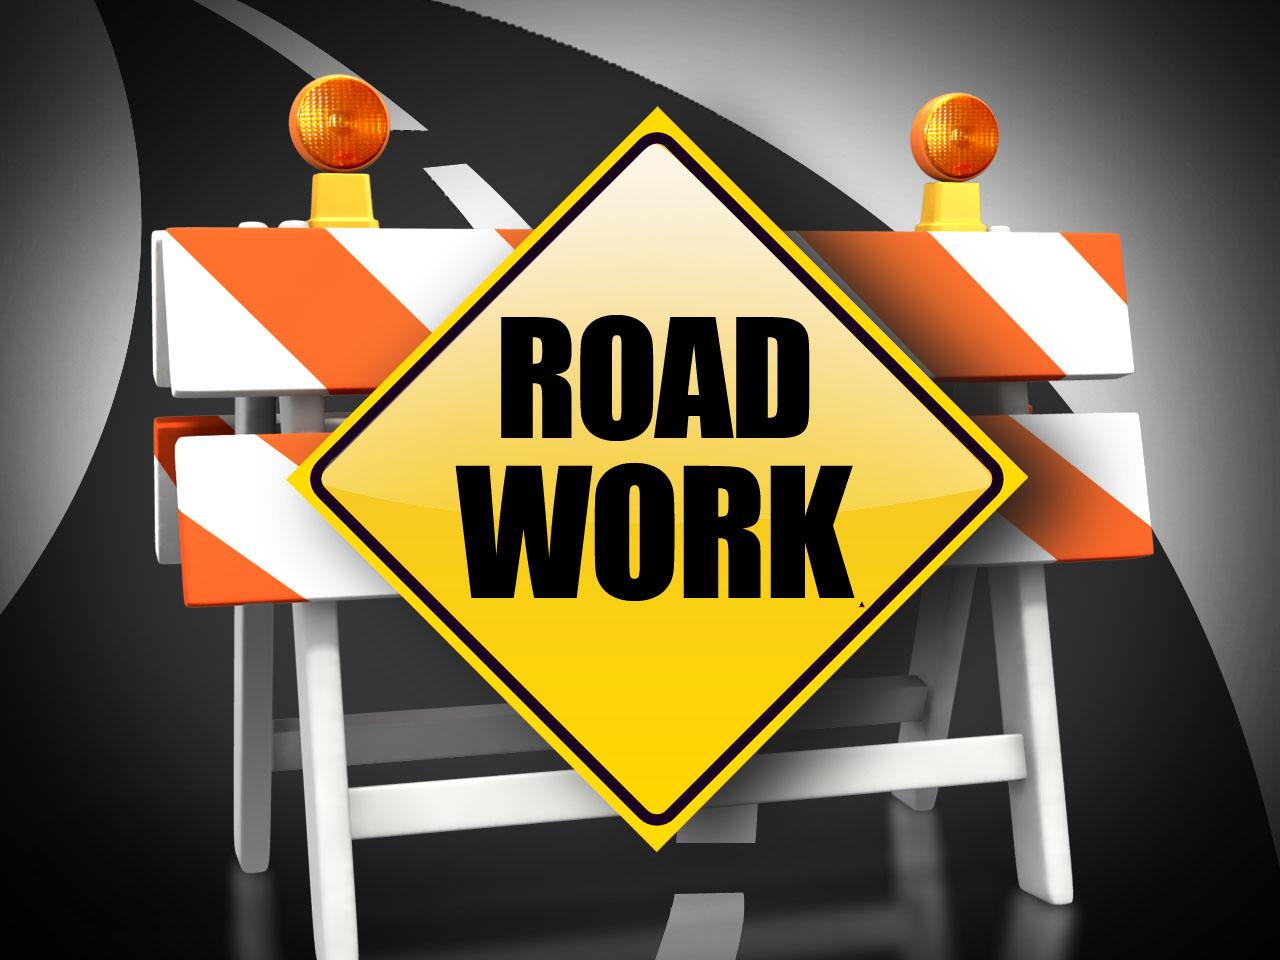 road work_1434392871895.jpg